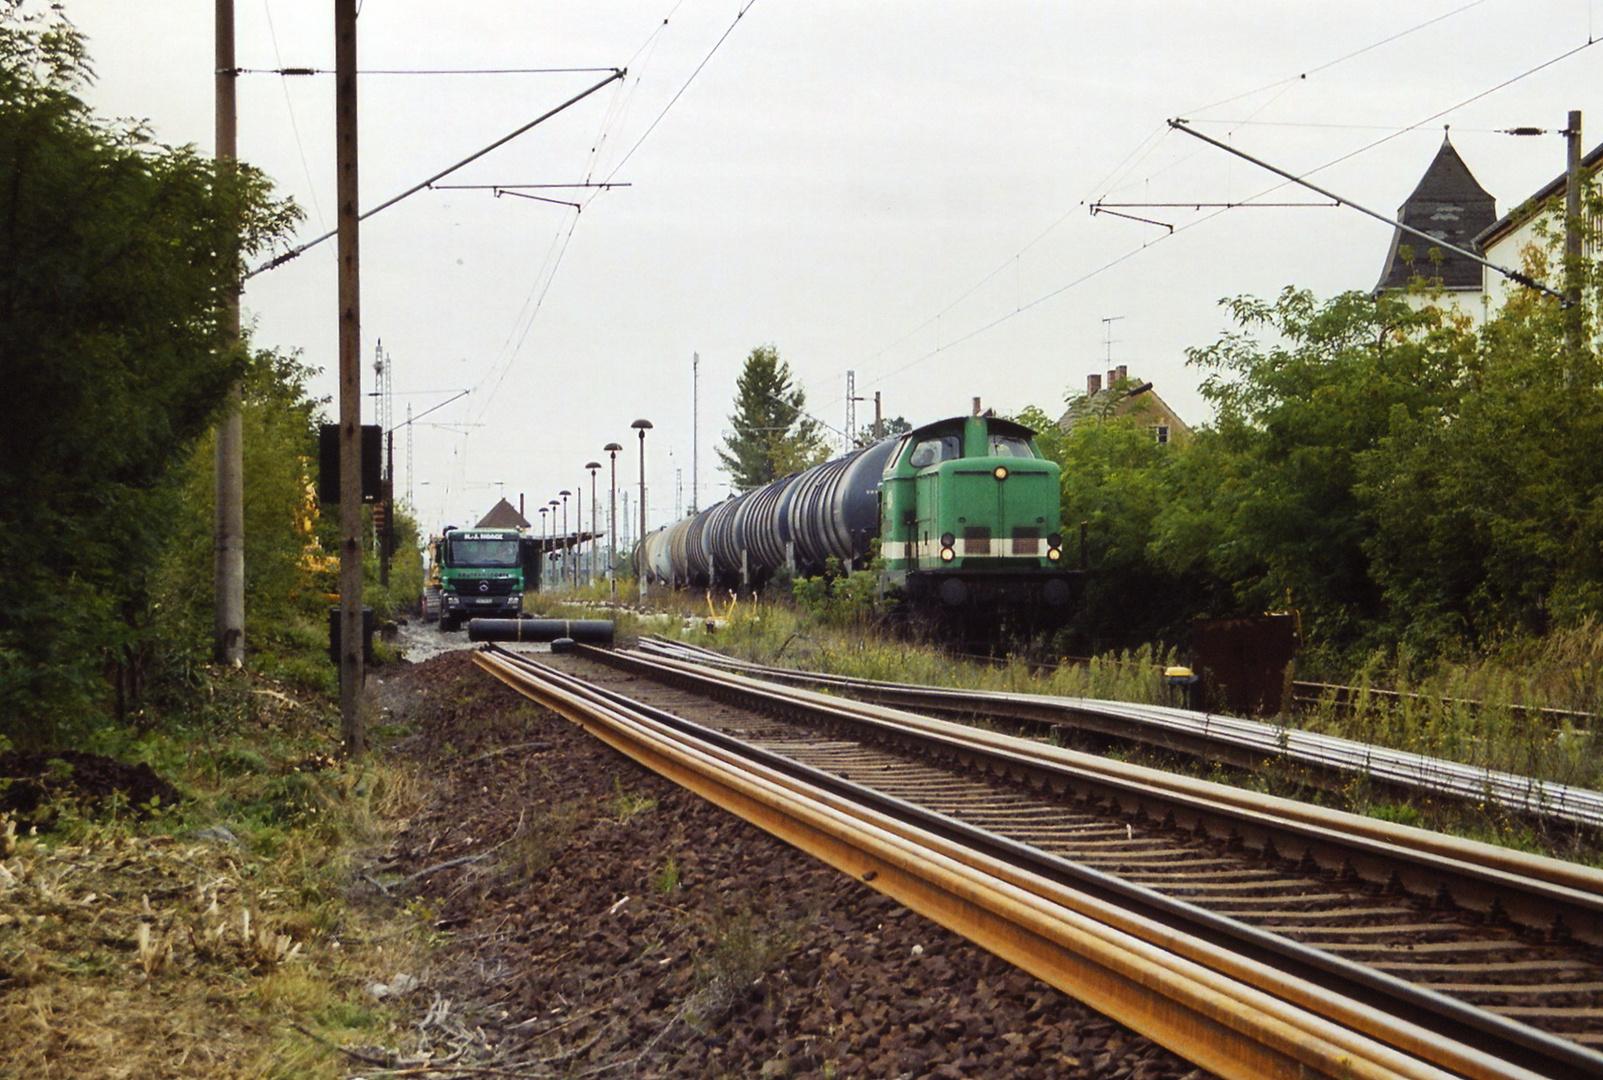 Gleisbauarbeiten und Zugverkehr